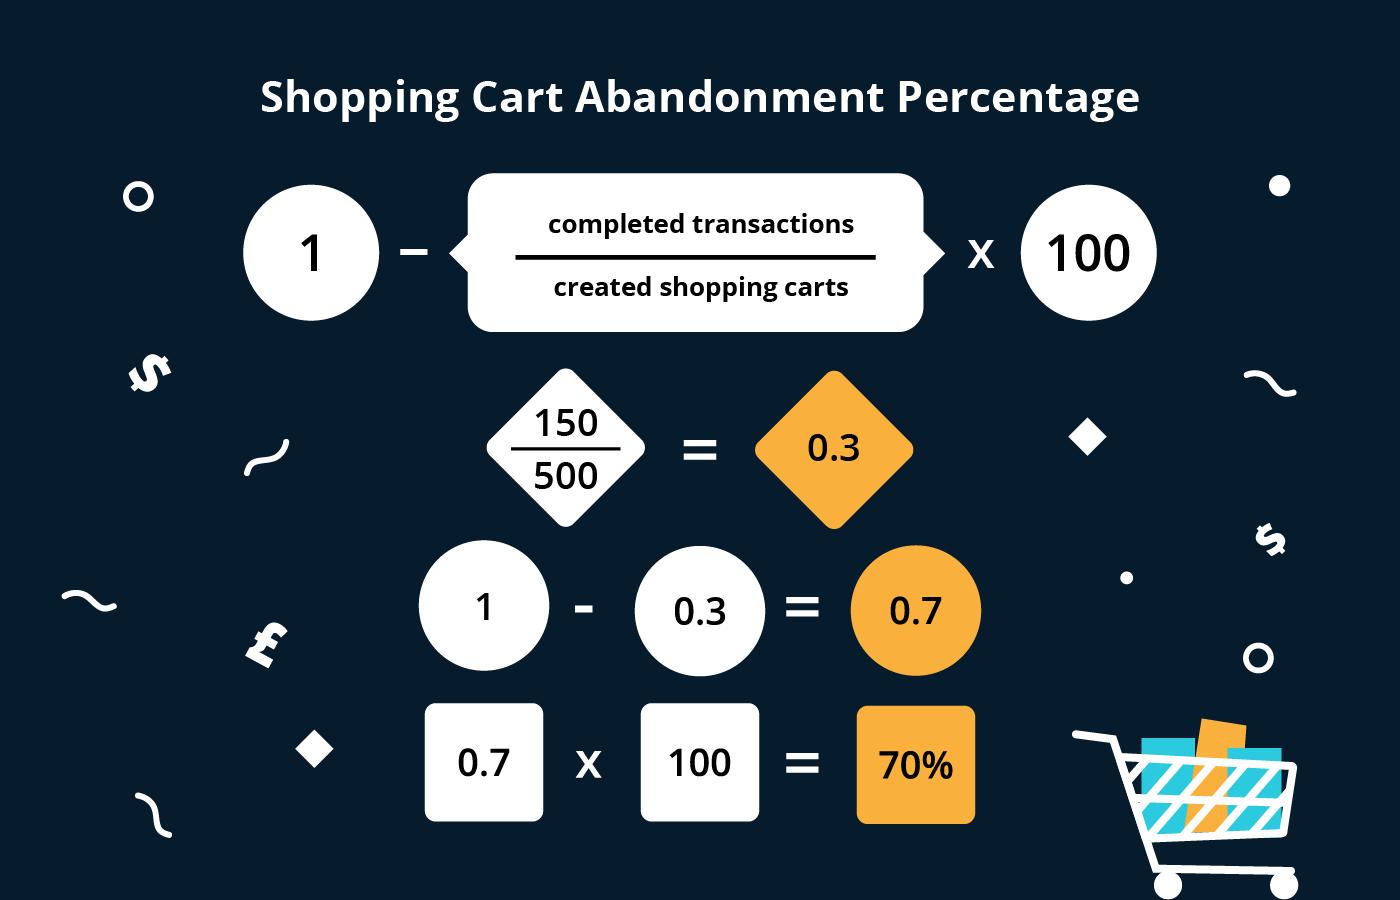 shopping cart abandonment percentage formula